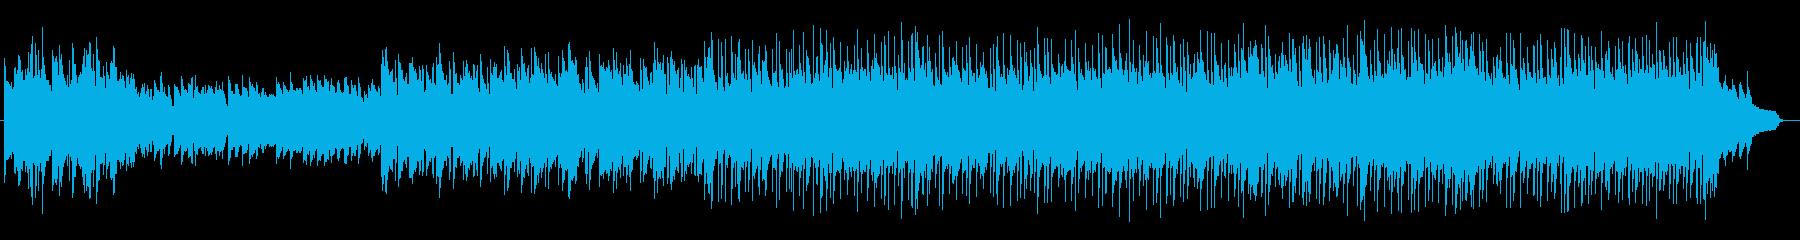 ゆったり切ないシンセサイザーサウンドの再生済みの波形